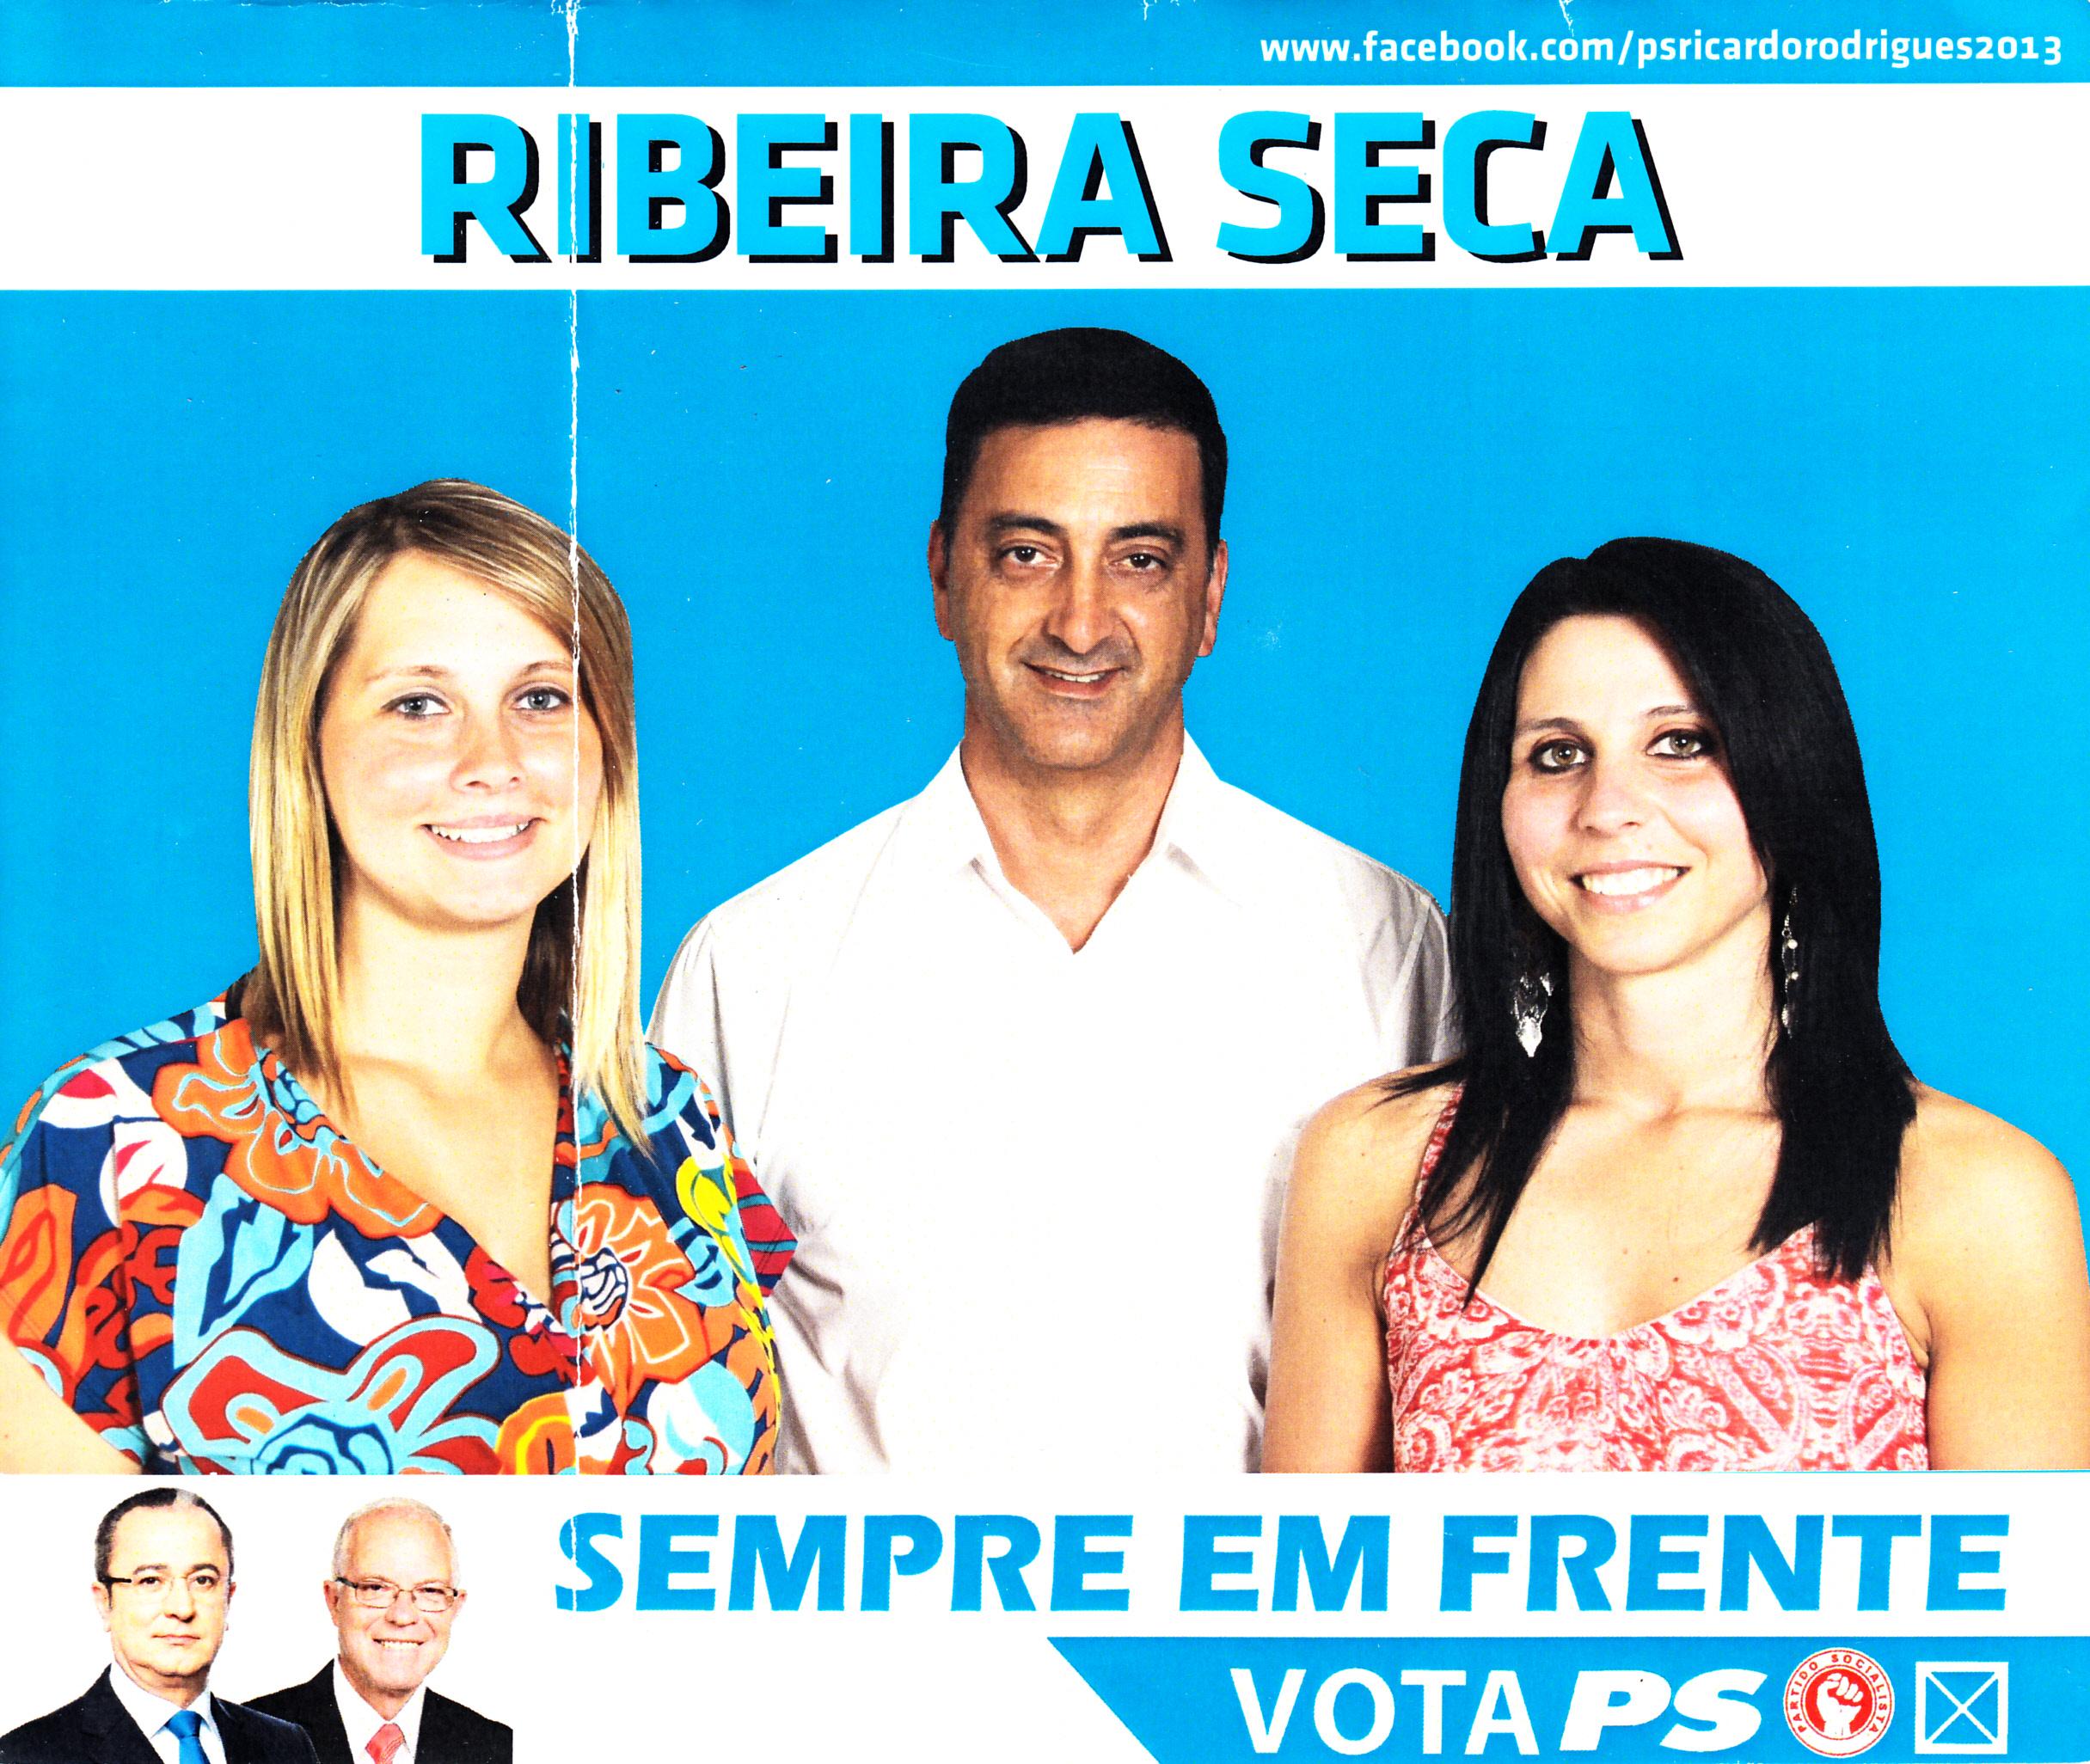 PS_2013_Ribeira seca_Acores